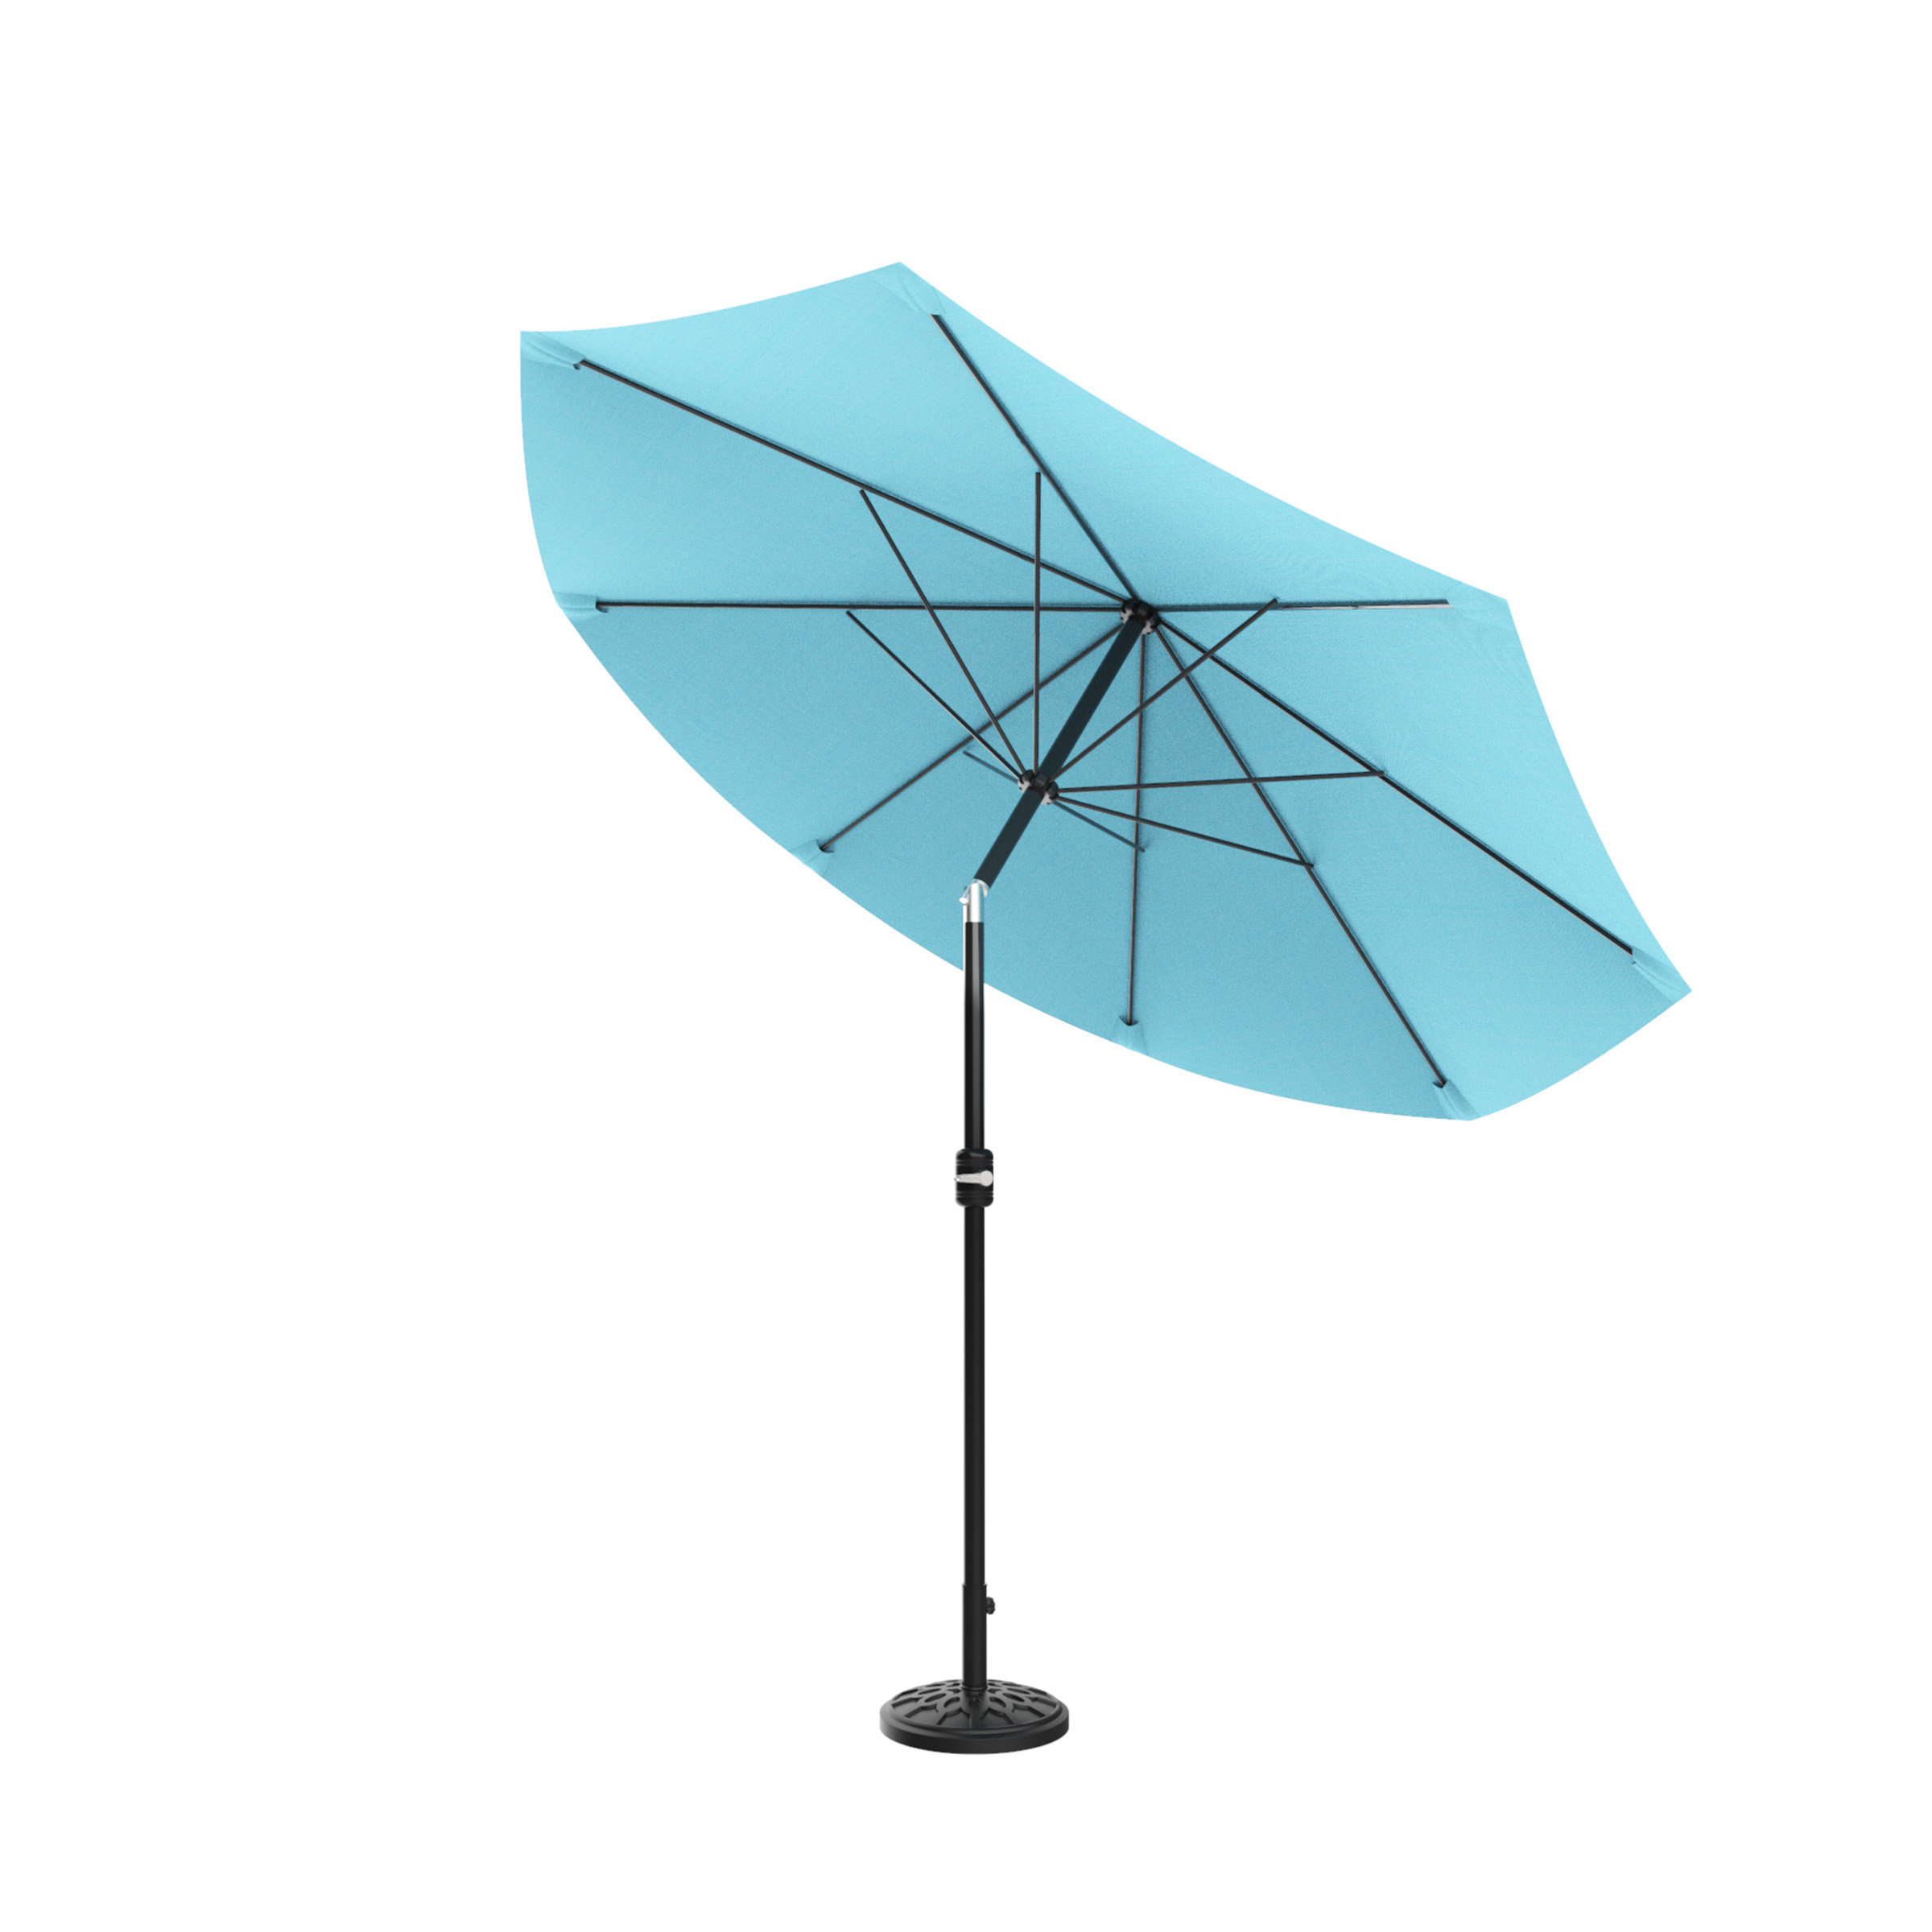 Allport Market Umbrellas Intended For Popular Kelton 10' Market Umbrella (View 4 of 20)